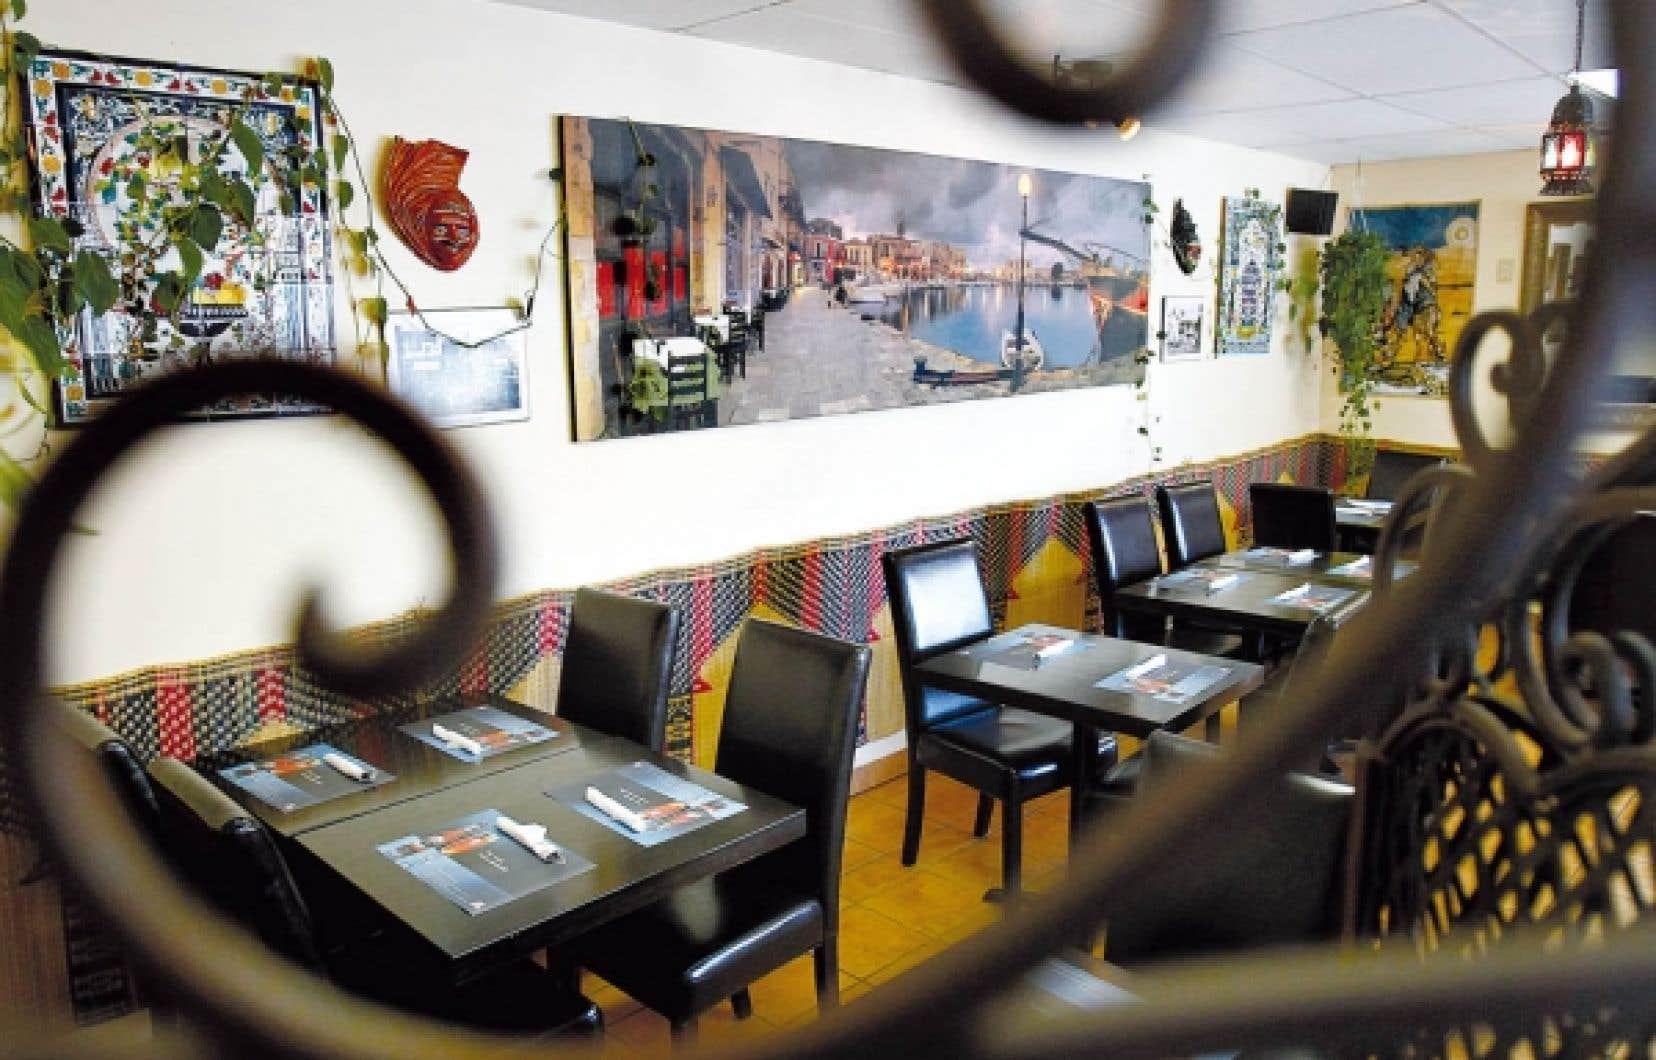 Le resto-caf&eacute; Au Port de la Goulette offre une cuisine inspir&eacute;e de la Tunisie et du Maroc.<br />